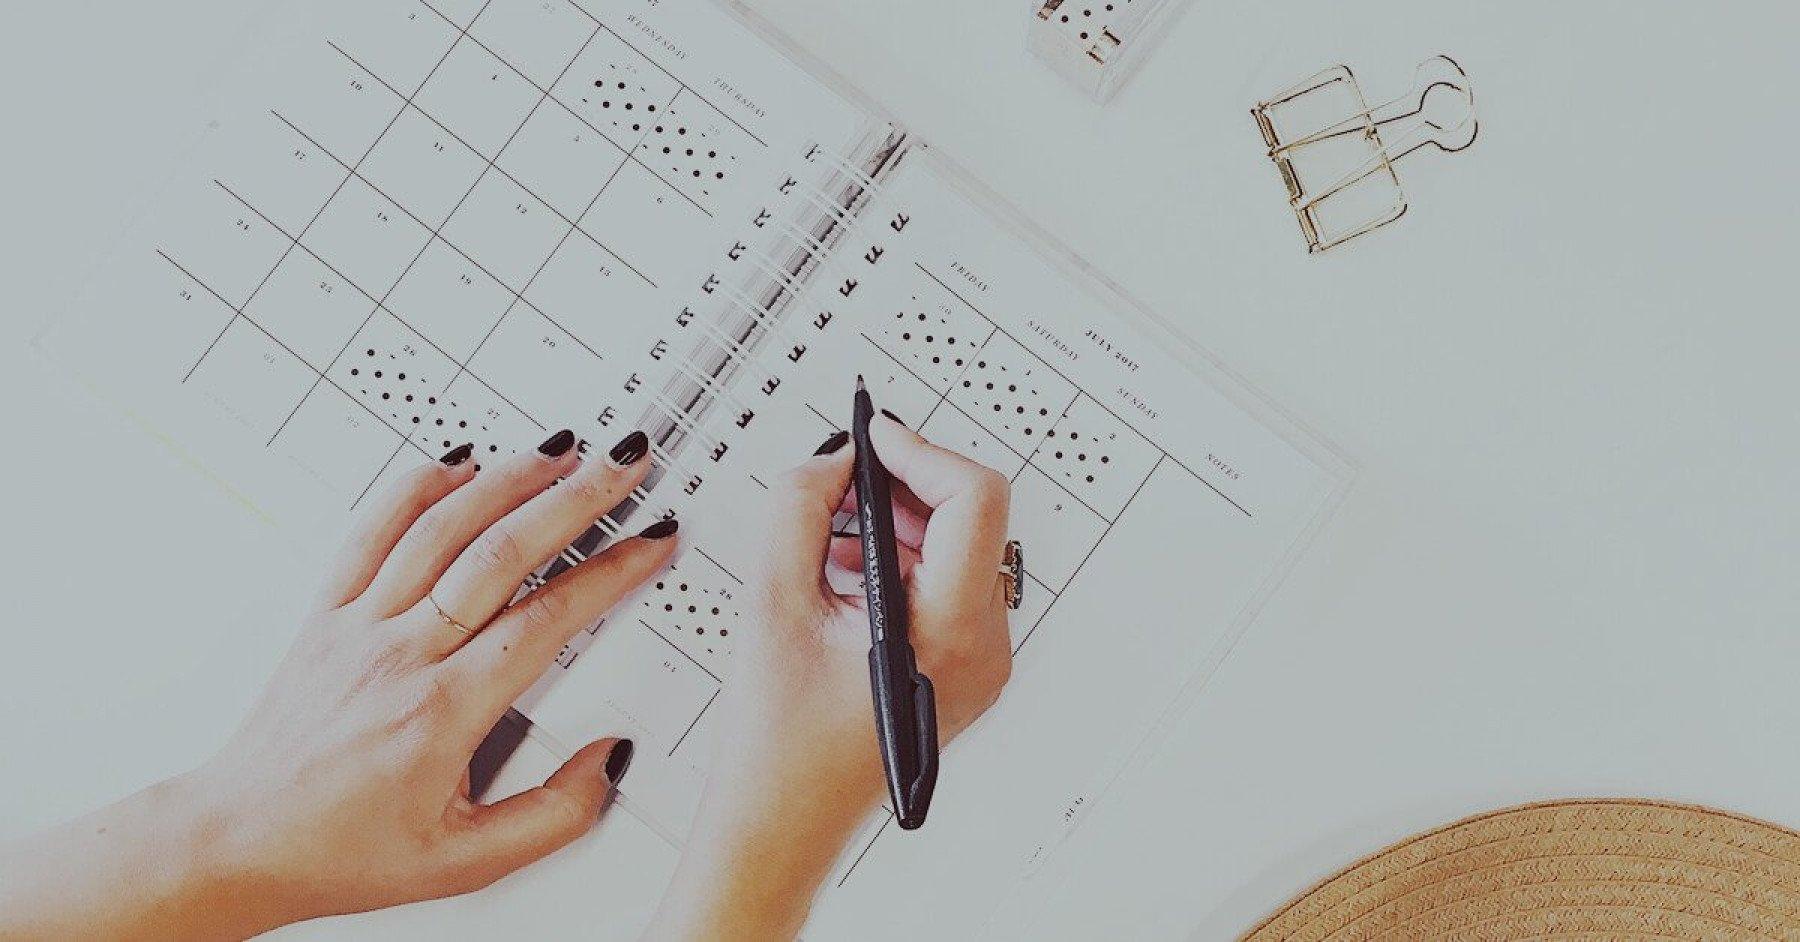 Händer som skriver i en kalender.